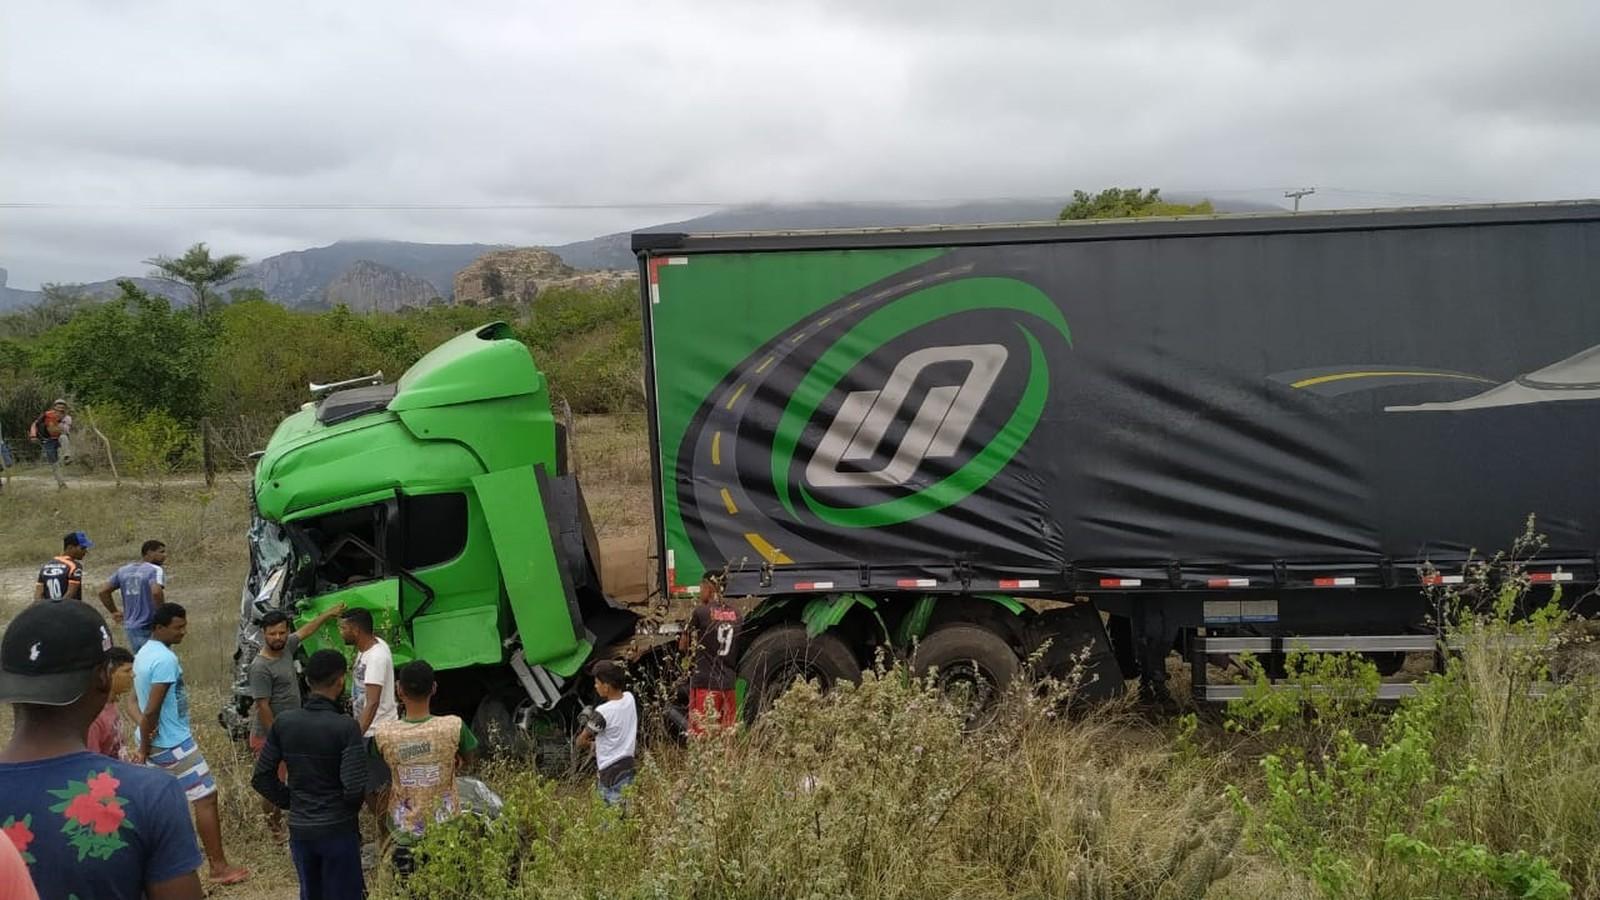 Acidente envolvendo caminhão da banda de Léo Santana deixa mortos na Bahia 4